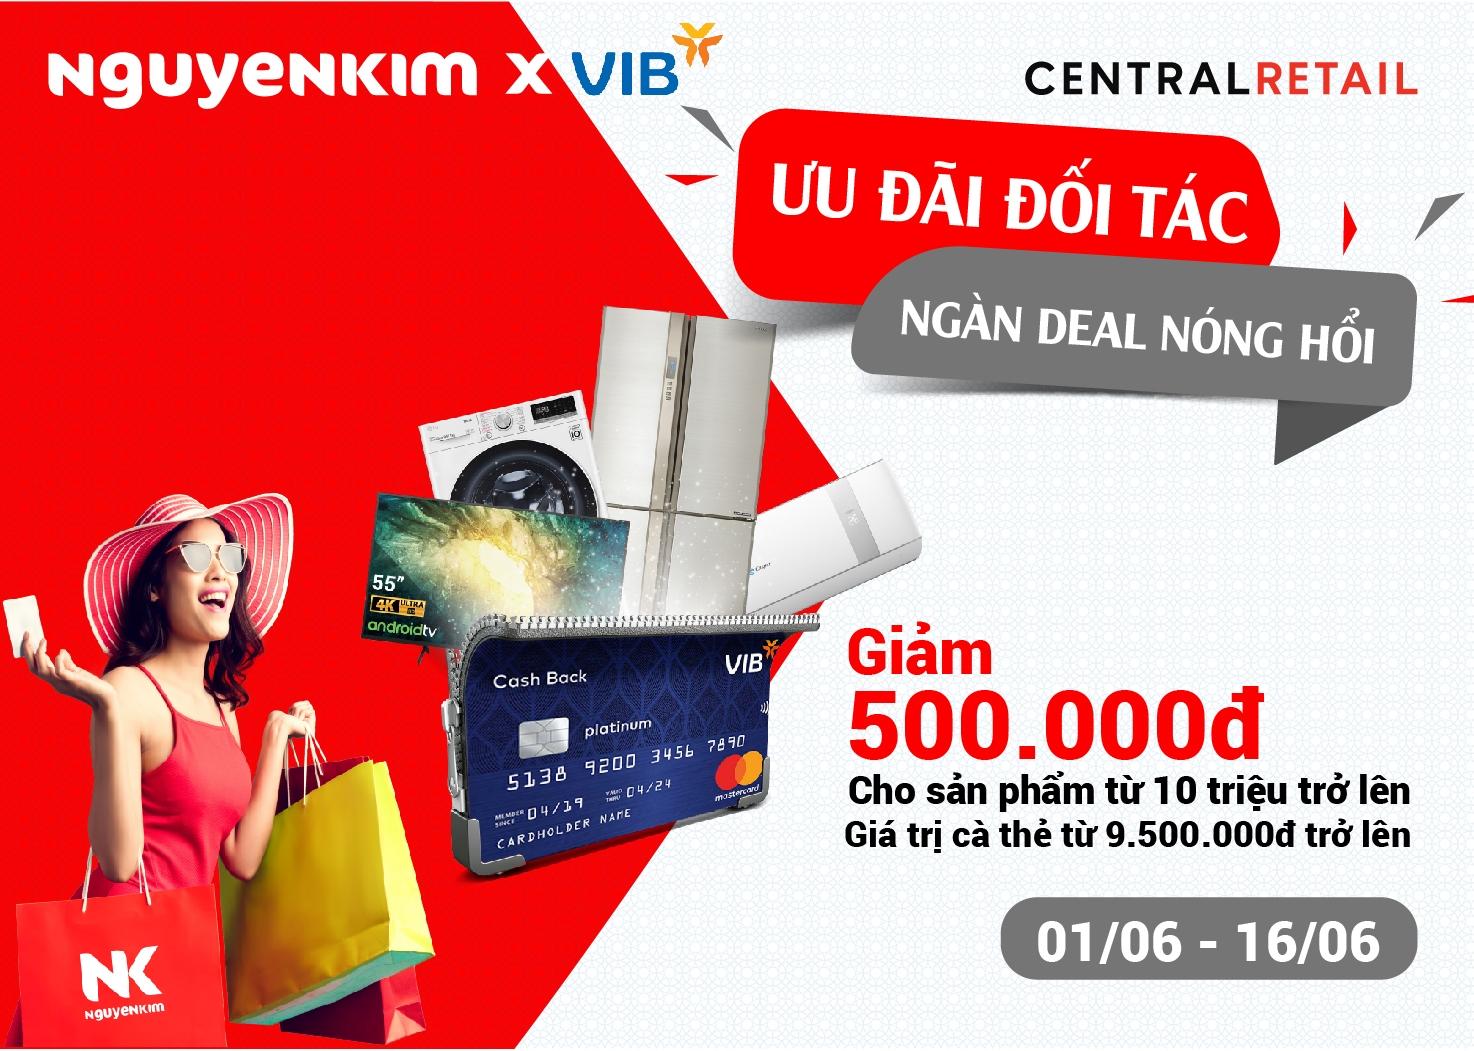 Ưu đãi thẻ tín dụng VIB giảm 500.000 đồng [CLICK NGAY]